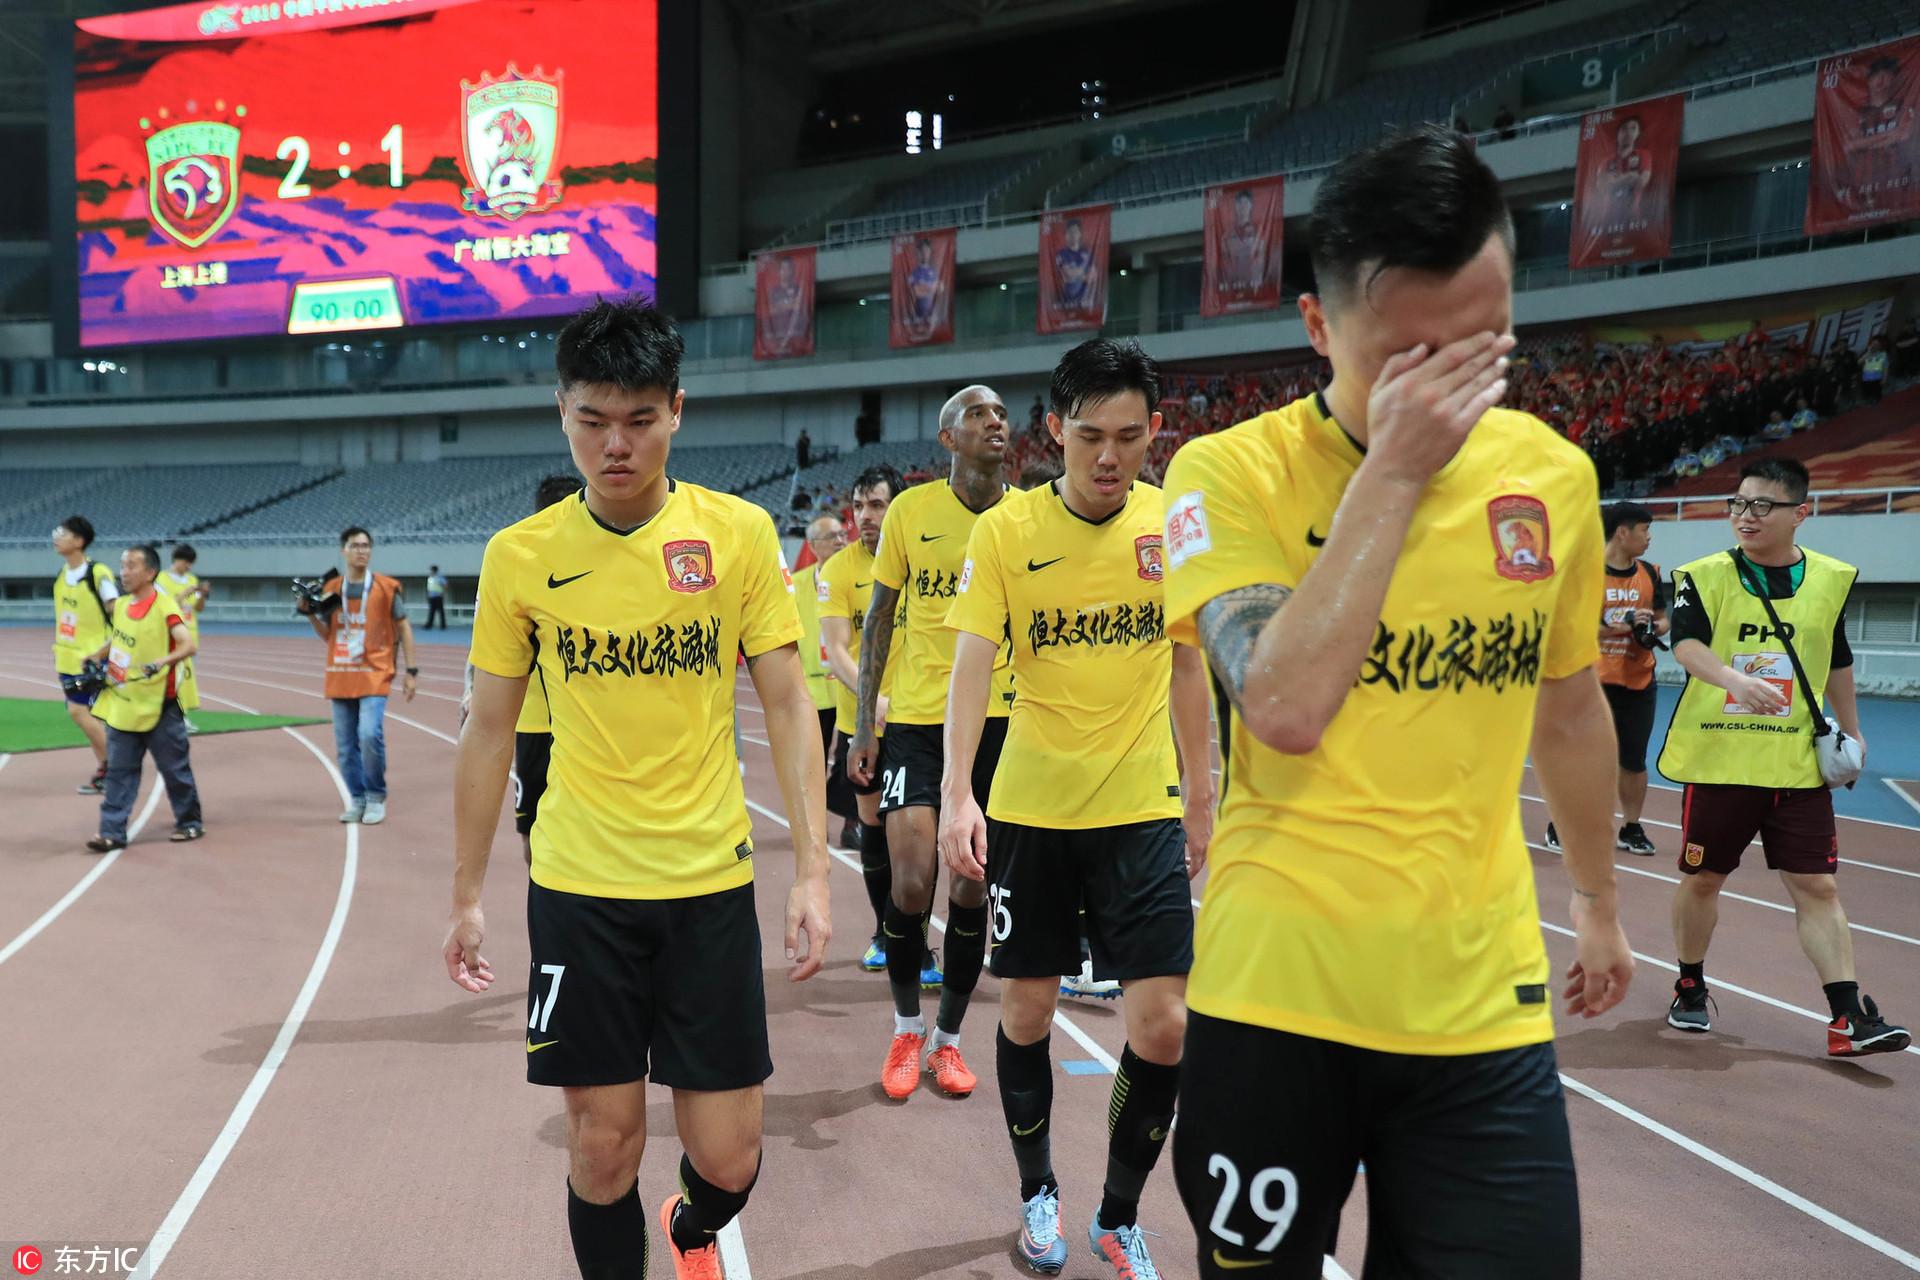 高清:恒大赛后谢场郜林捂脸 球迷举围巾支持